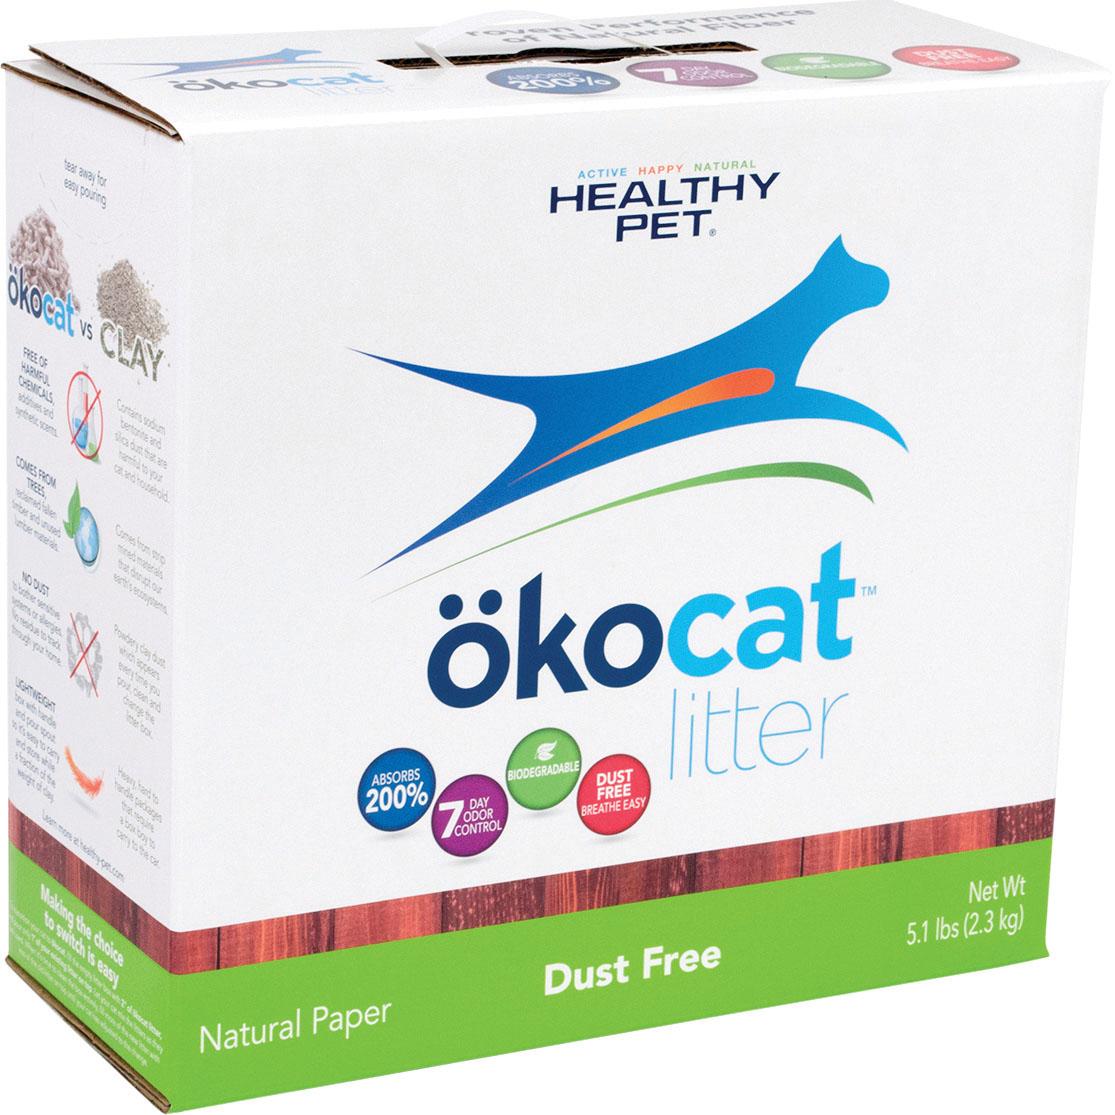 Okocat Natural Paper Dust Free Cat Litter, 5.1-lb